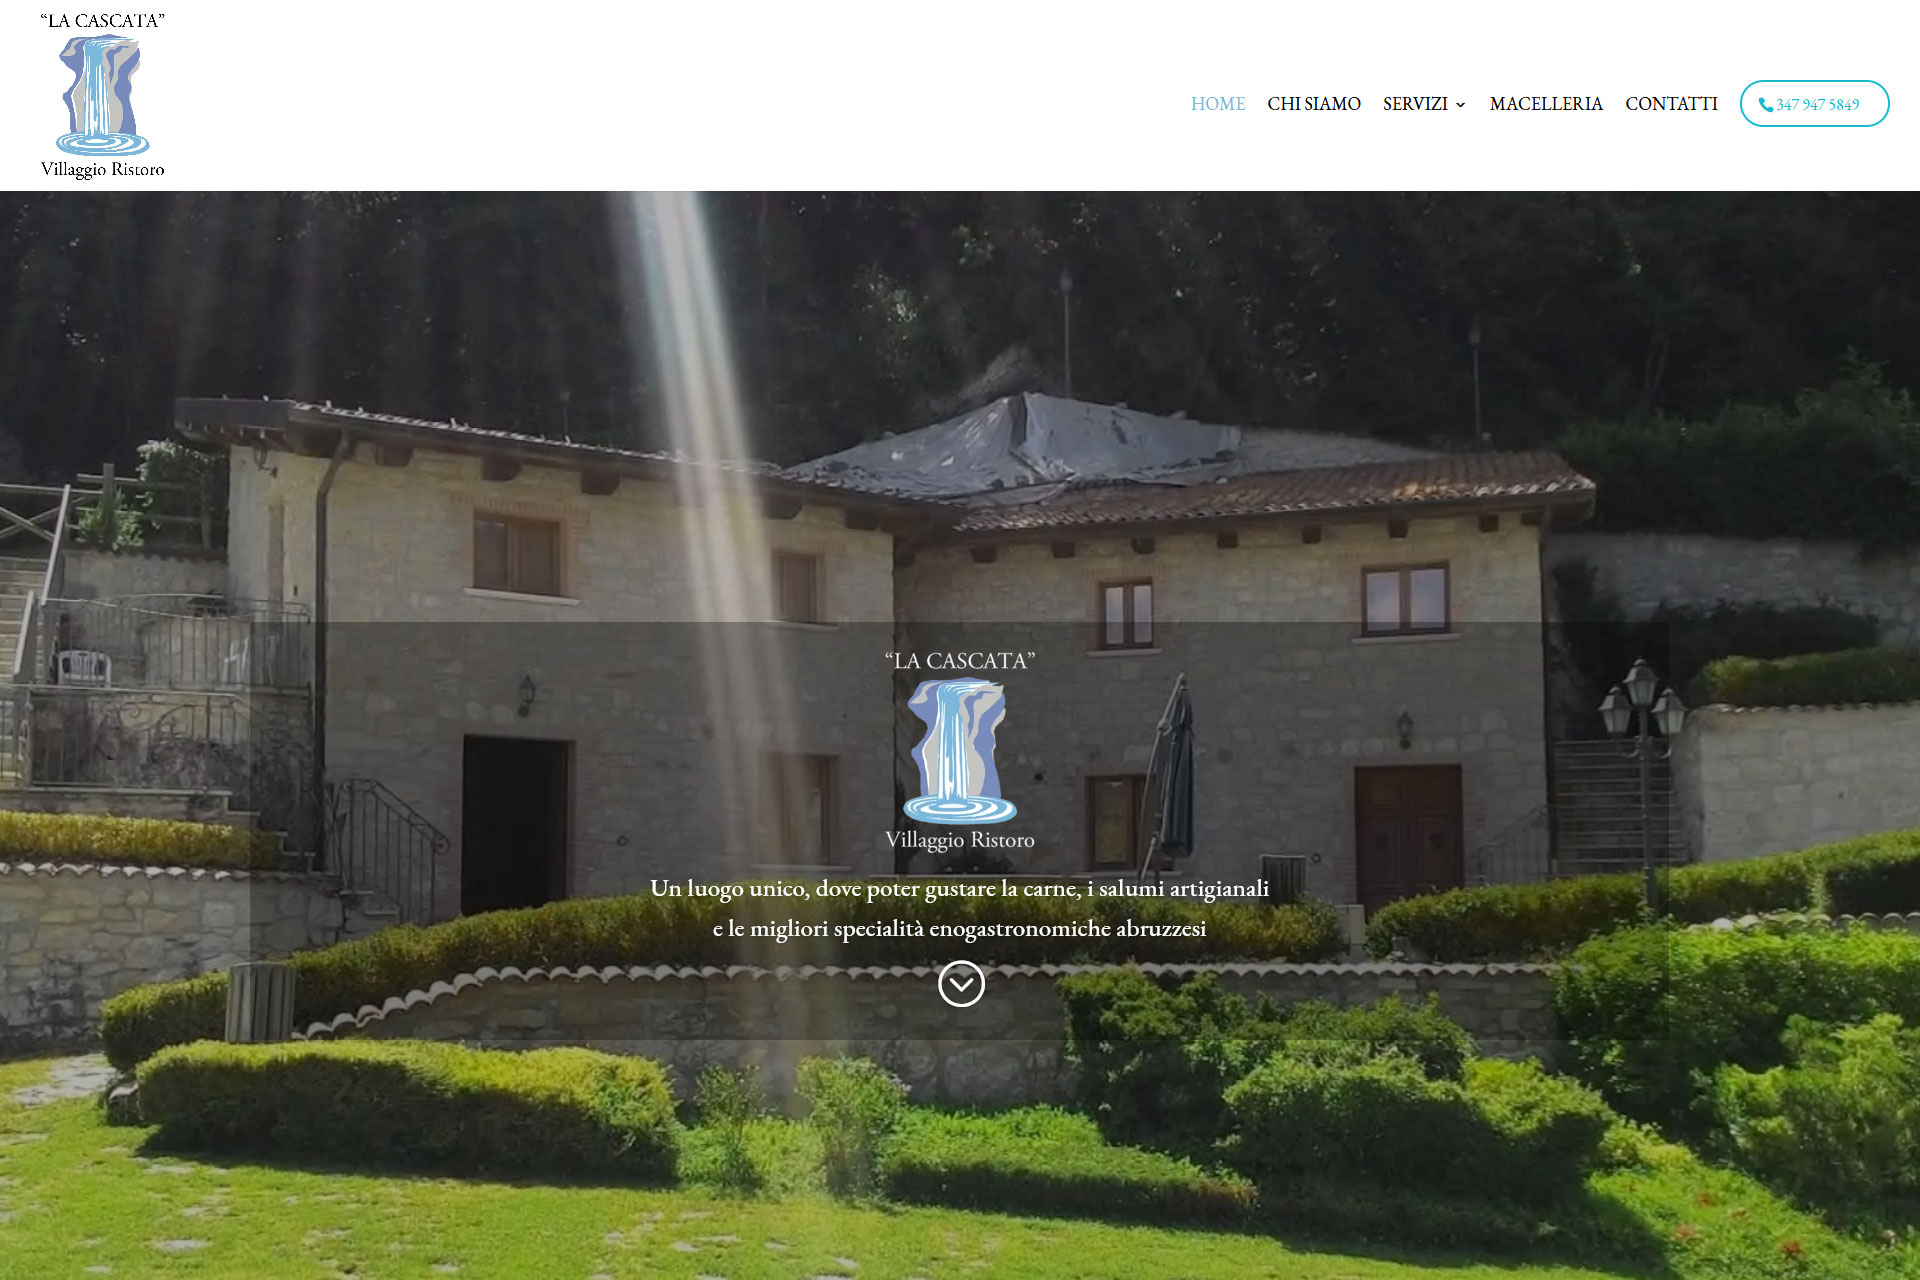 lv-design-realizzazione-siti-web-bologna-portfolio-villaggio-ristoro-la-cascata-slide-1